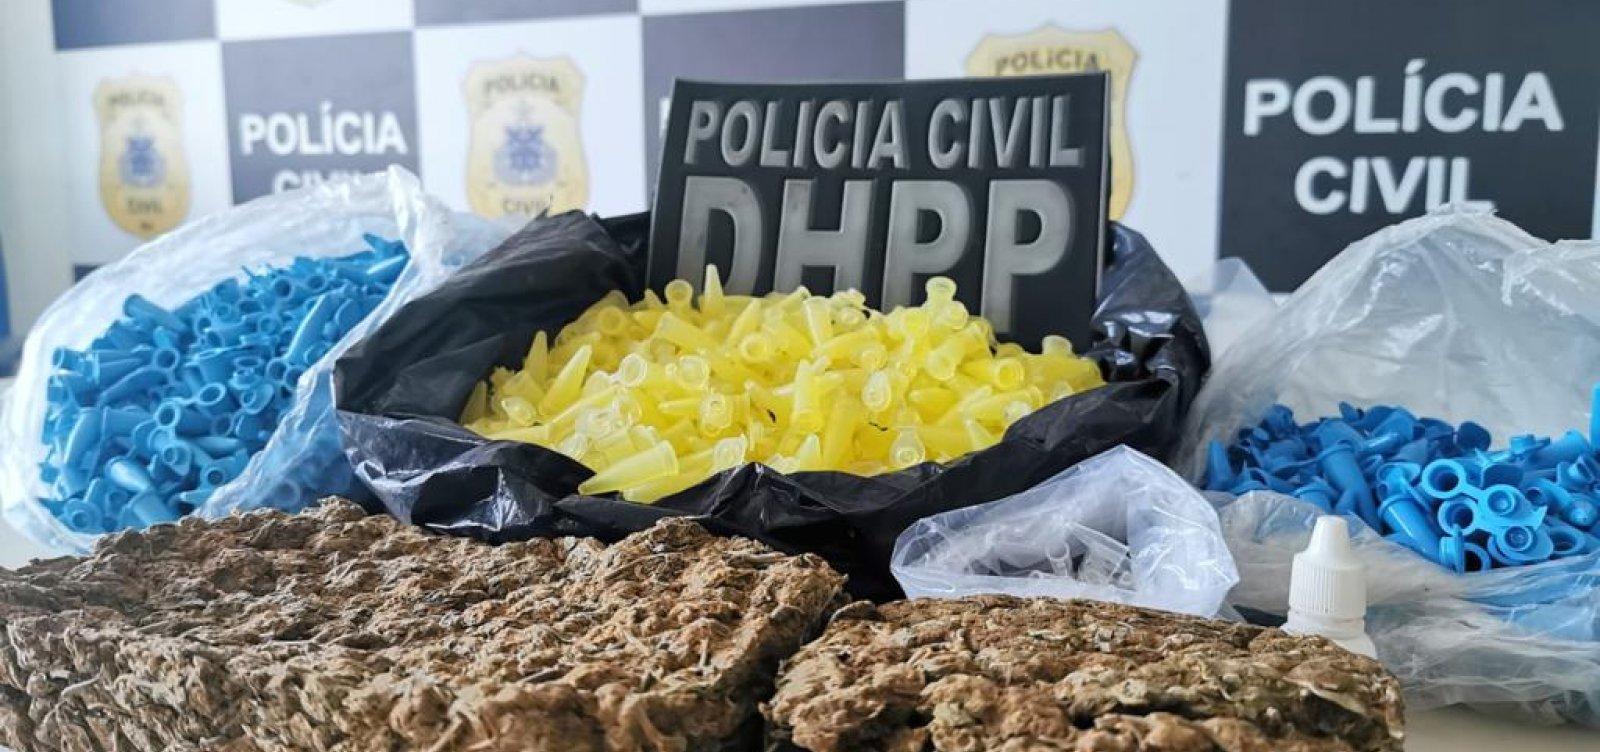 Polícia apreende 1,5 Kg de maconha avaliada em R$ 24 mil